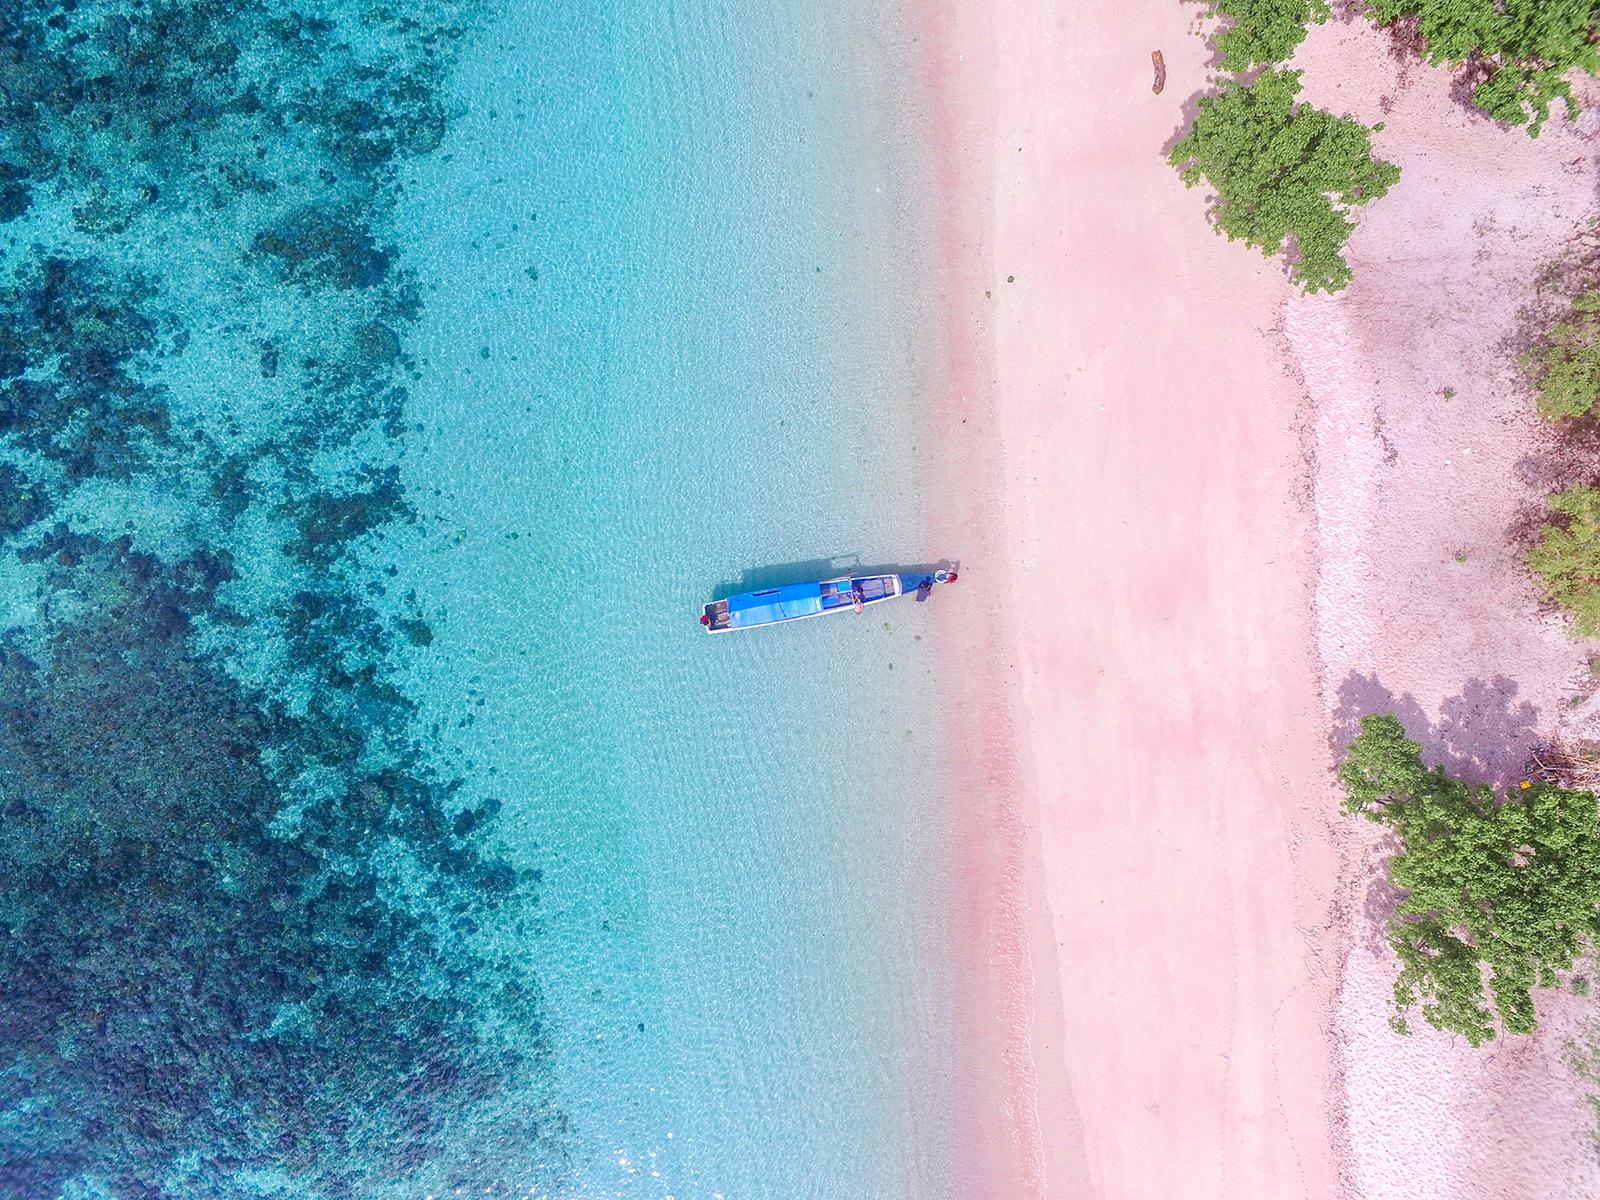 コモド島のピンクビーチ